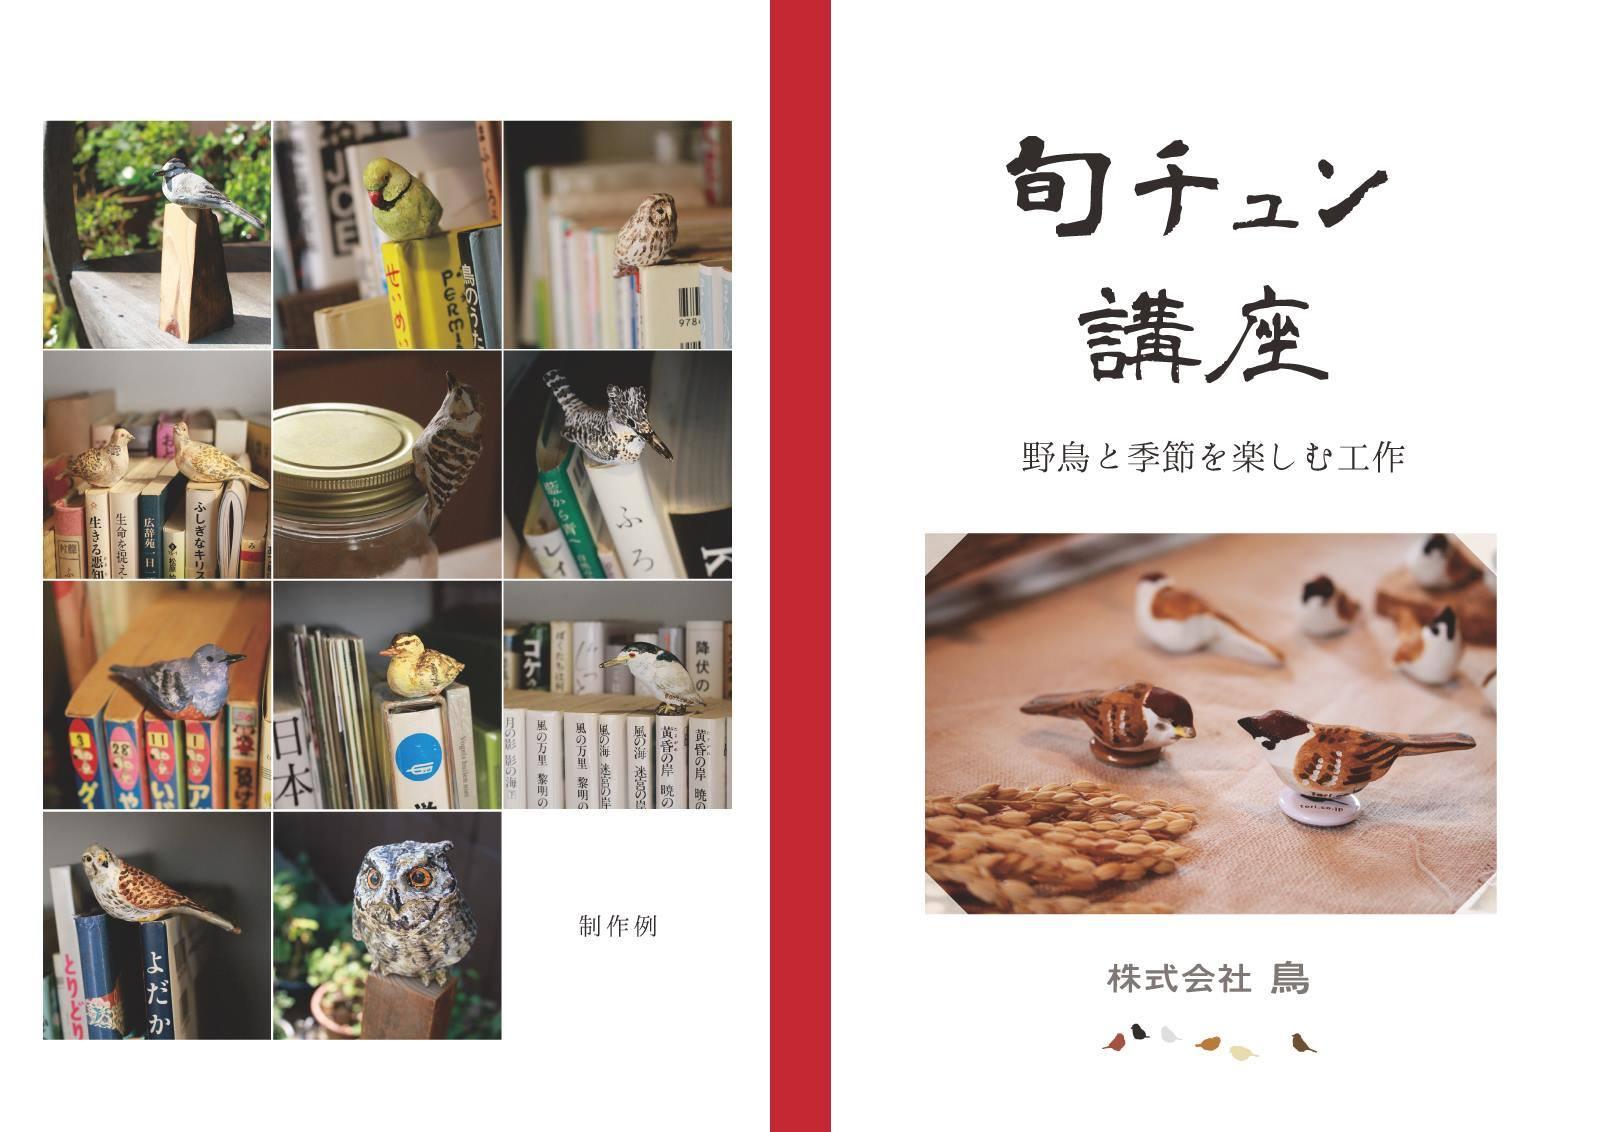 次回2/23午後『旬チュン講座~野鳥と季節を楽しむ工作』~毎月日曜1回開催